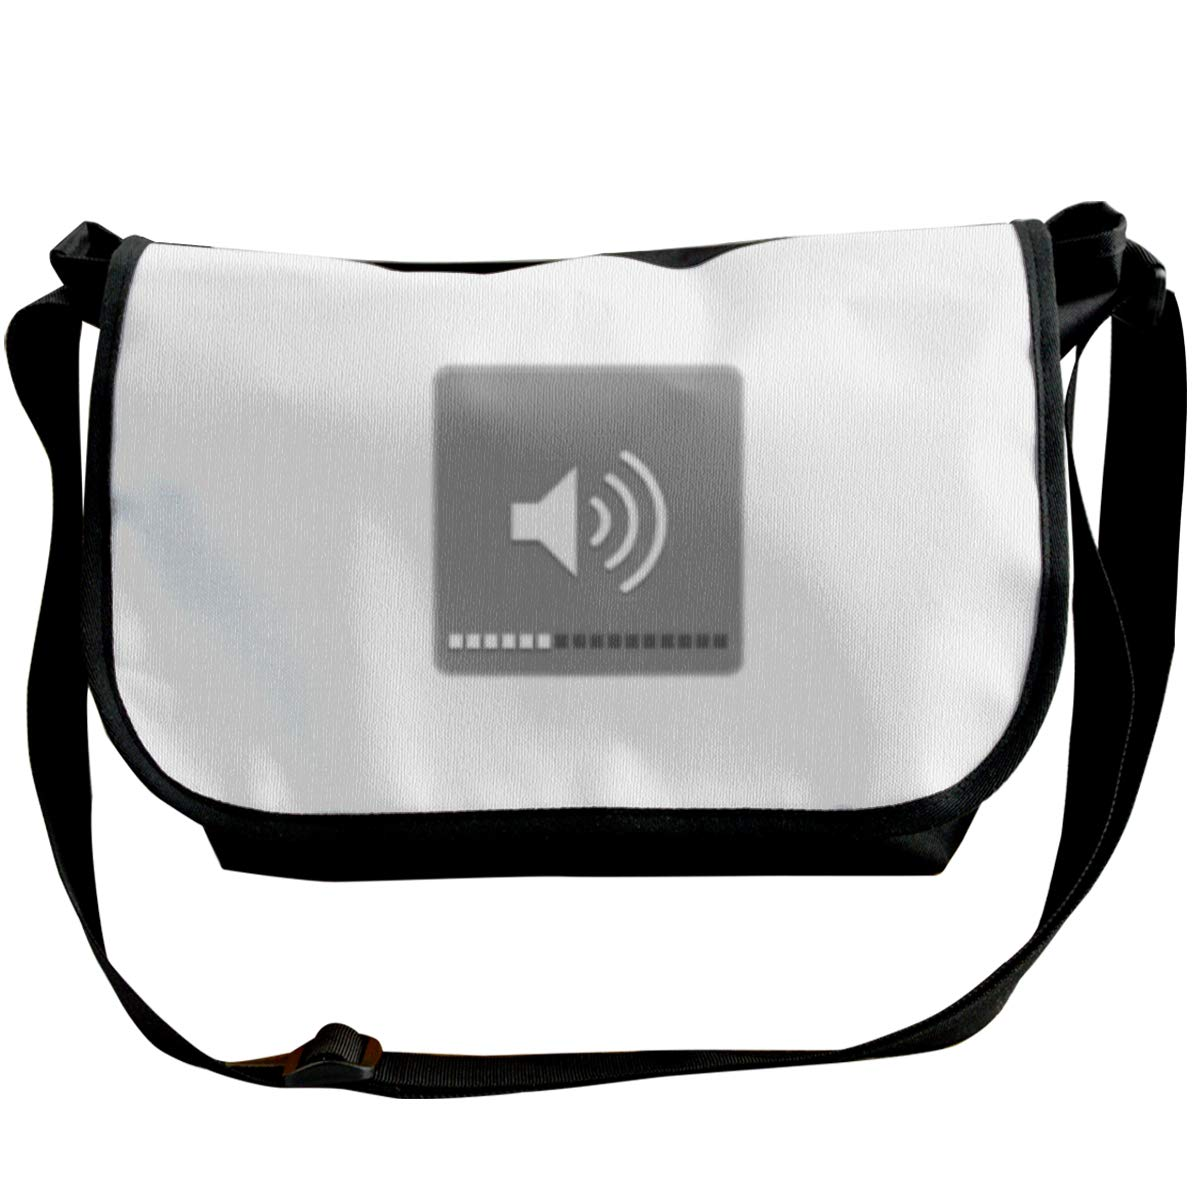 Sourde Adjust Volume For Messenger Bag Handbag Invisible Wallet Female Shoulder Bag